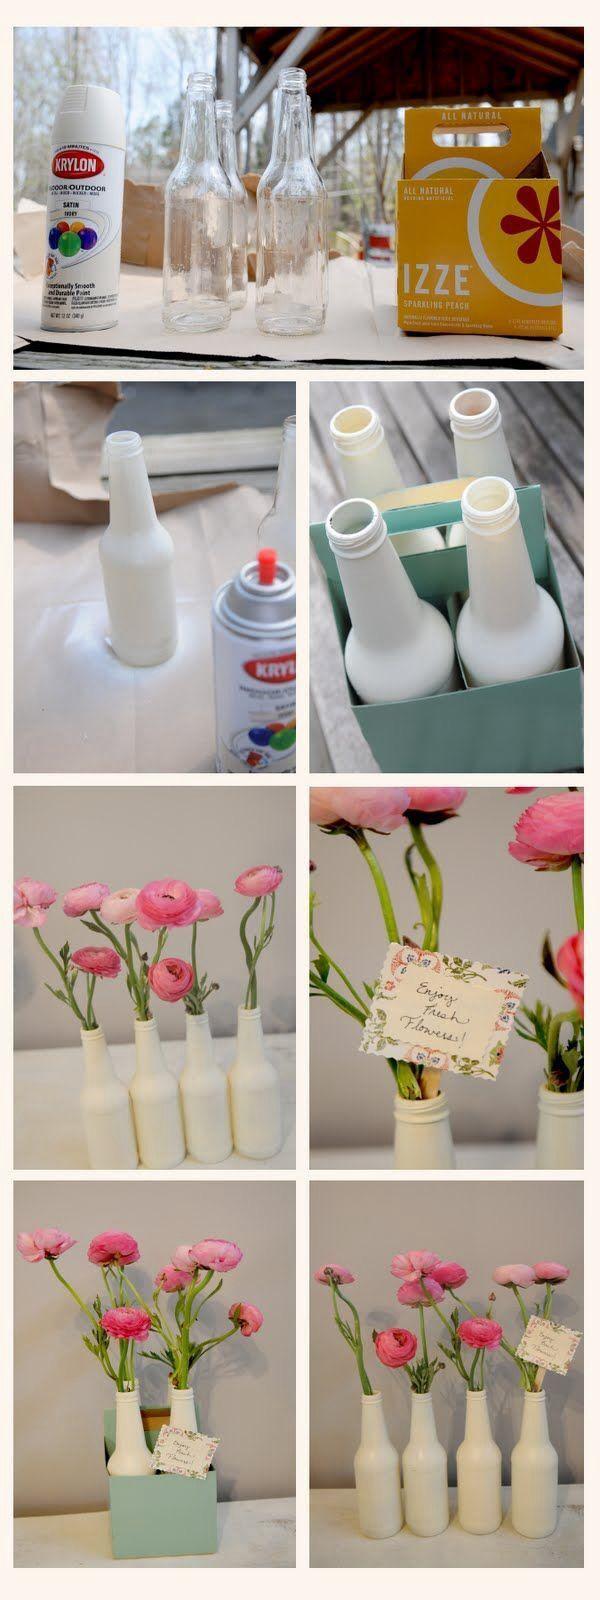 Hübsche Idee Auch Für Hochzeitsdekoration. Kleine Flaschen Sammeln Und  Ansprühen!